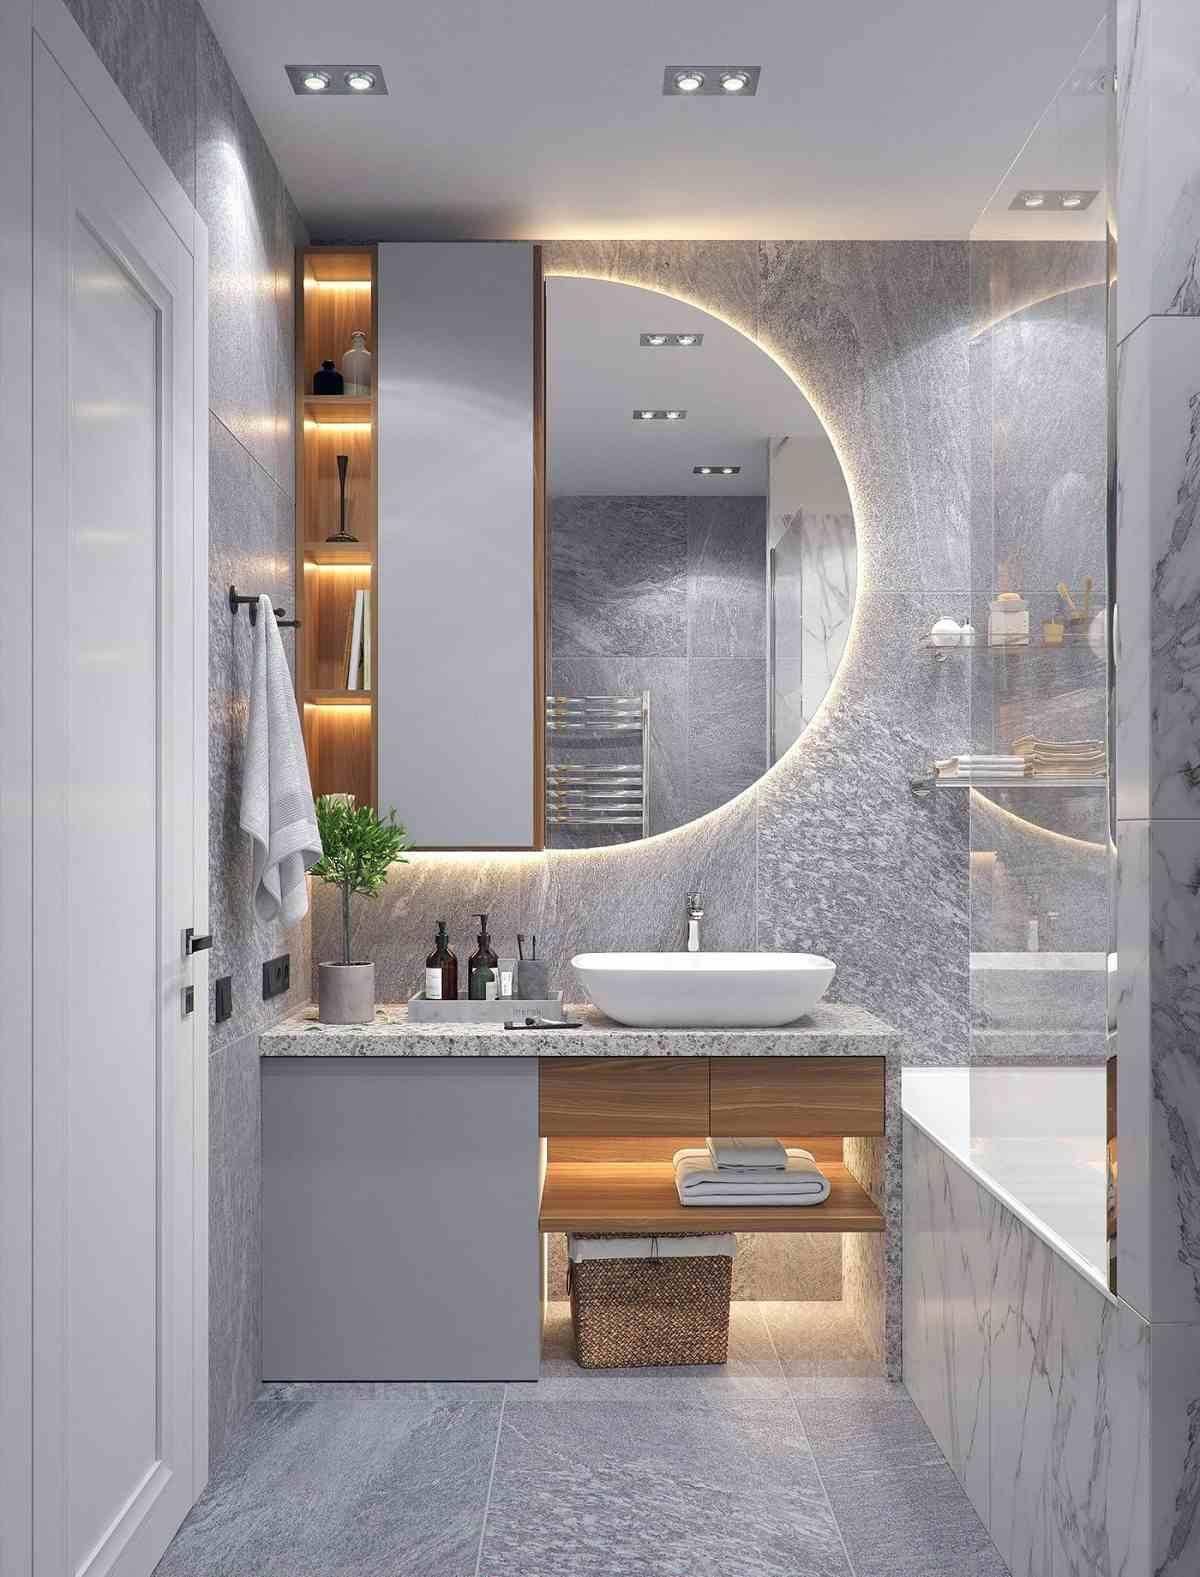 Thiết kế nhà vệ sinh nhà phố đẹp